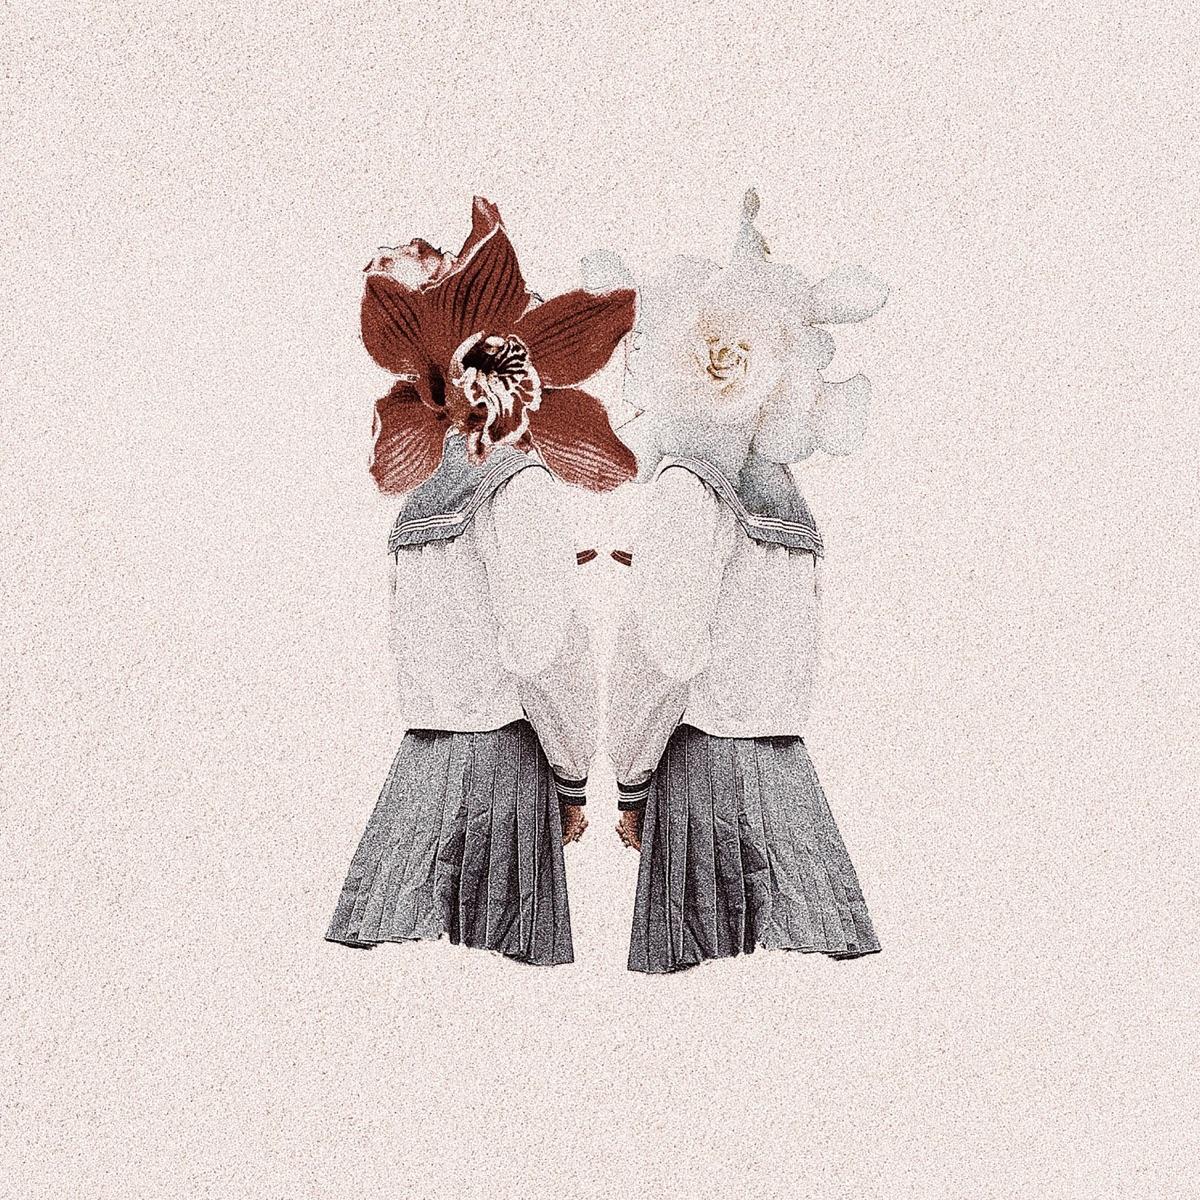 『笹川真生 - 三文芝居』収録の『あたらしいからだ』ジャケット